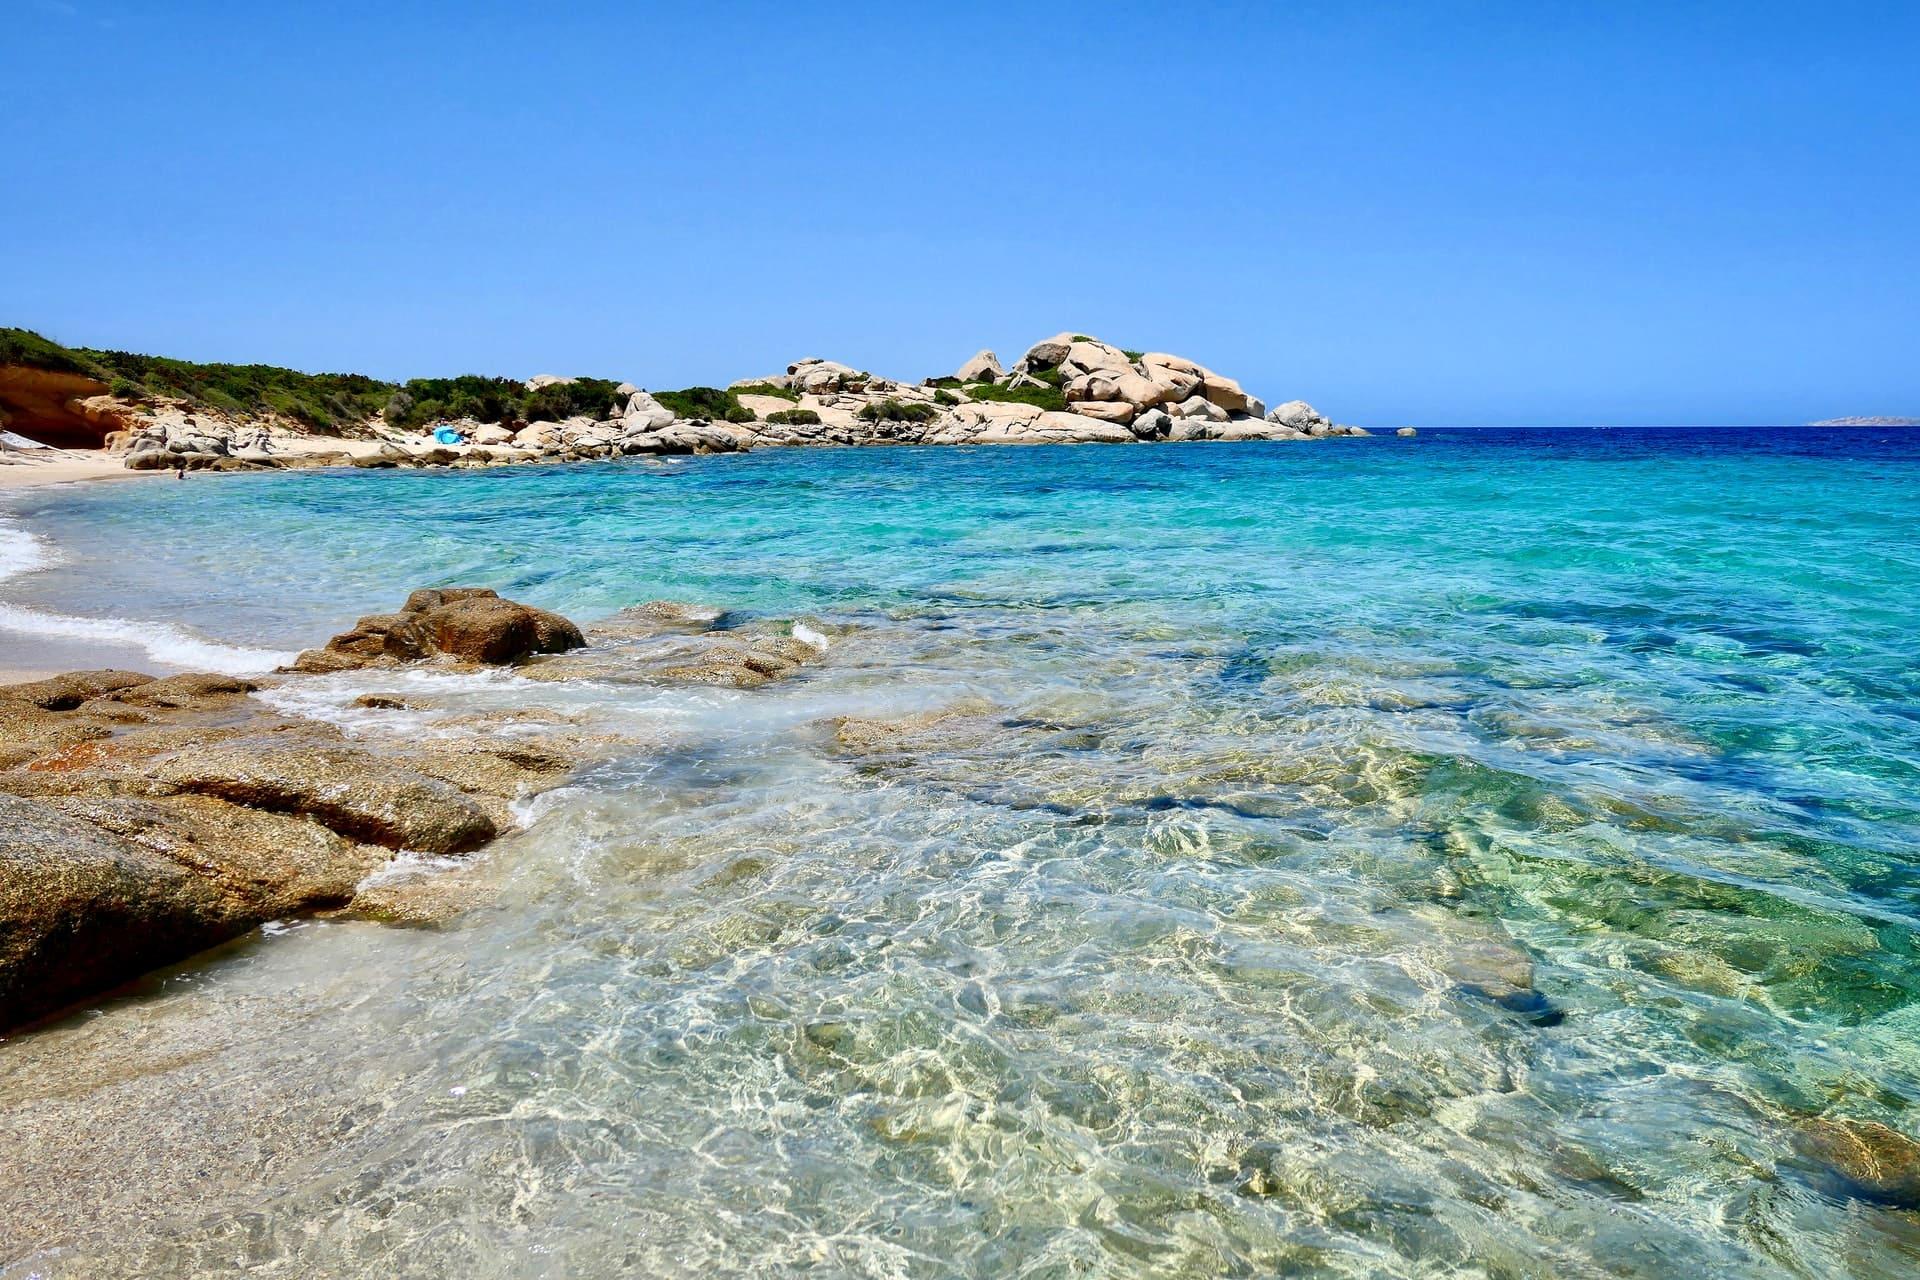 Quattro motivi per scegliere la Sardegna